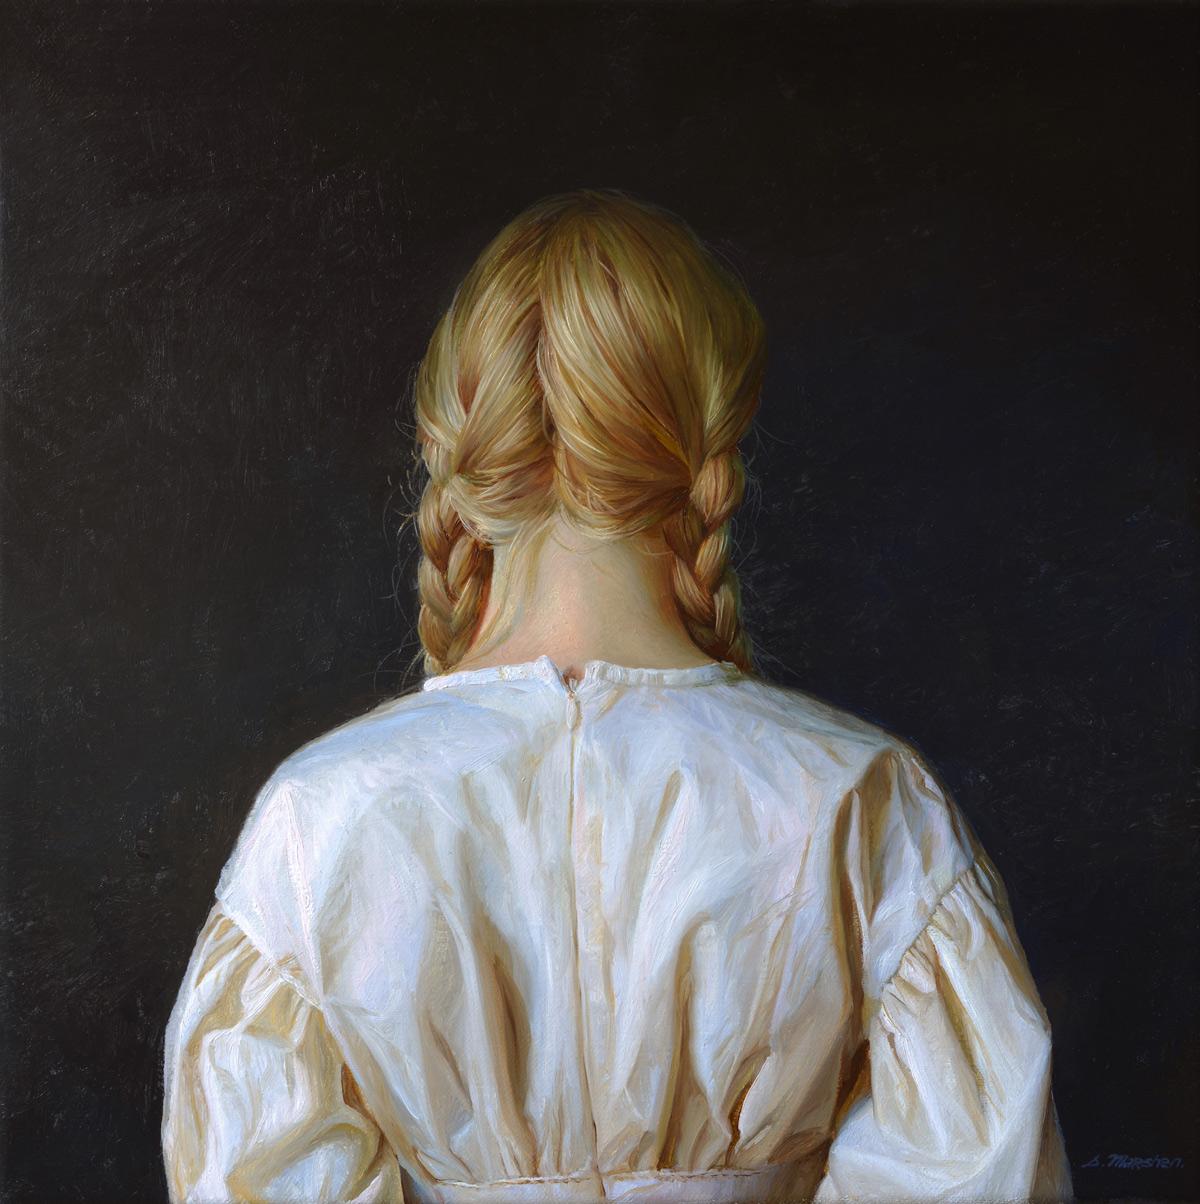 """(SOLD) Serge Marshennikov """"Passage of a Dream"""" 12""""x12"""" Oil"""